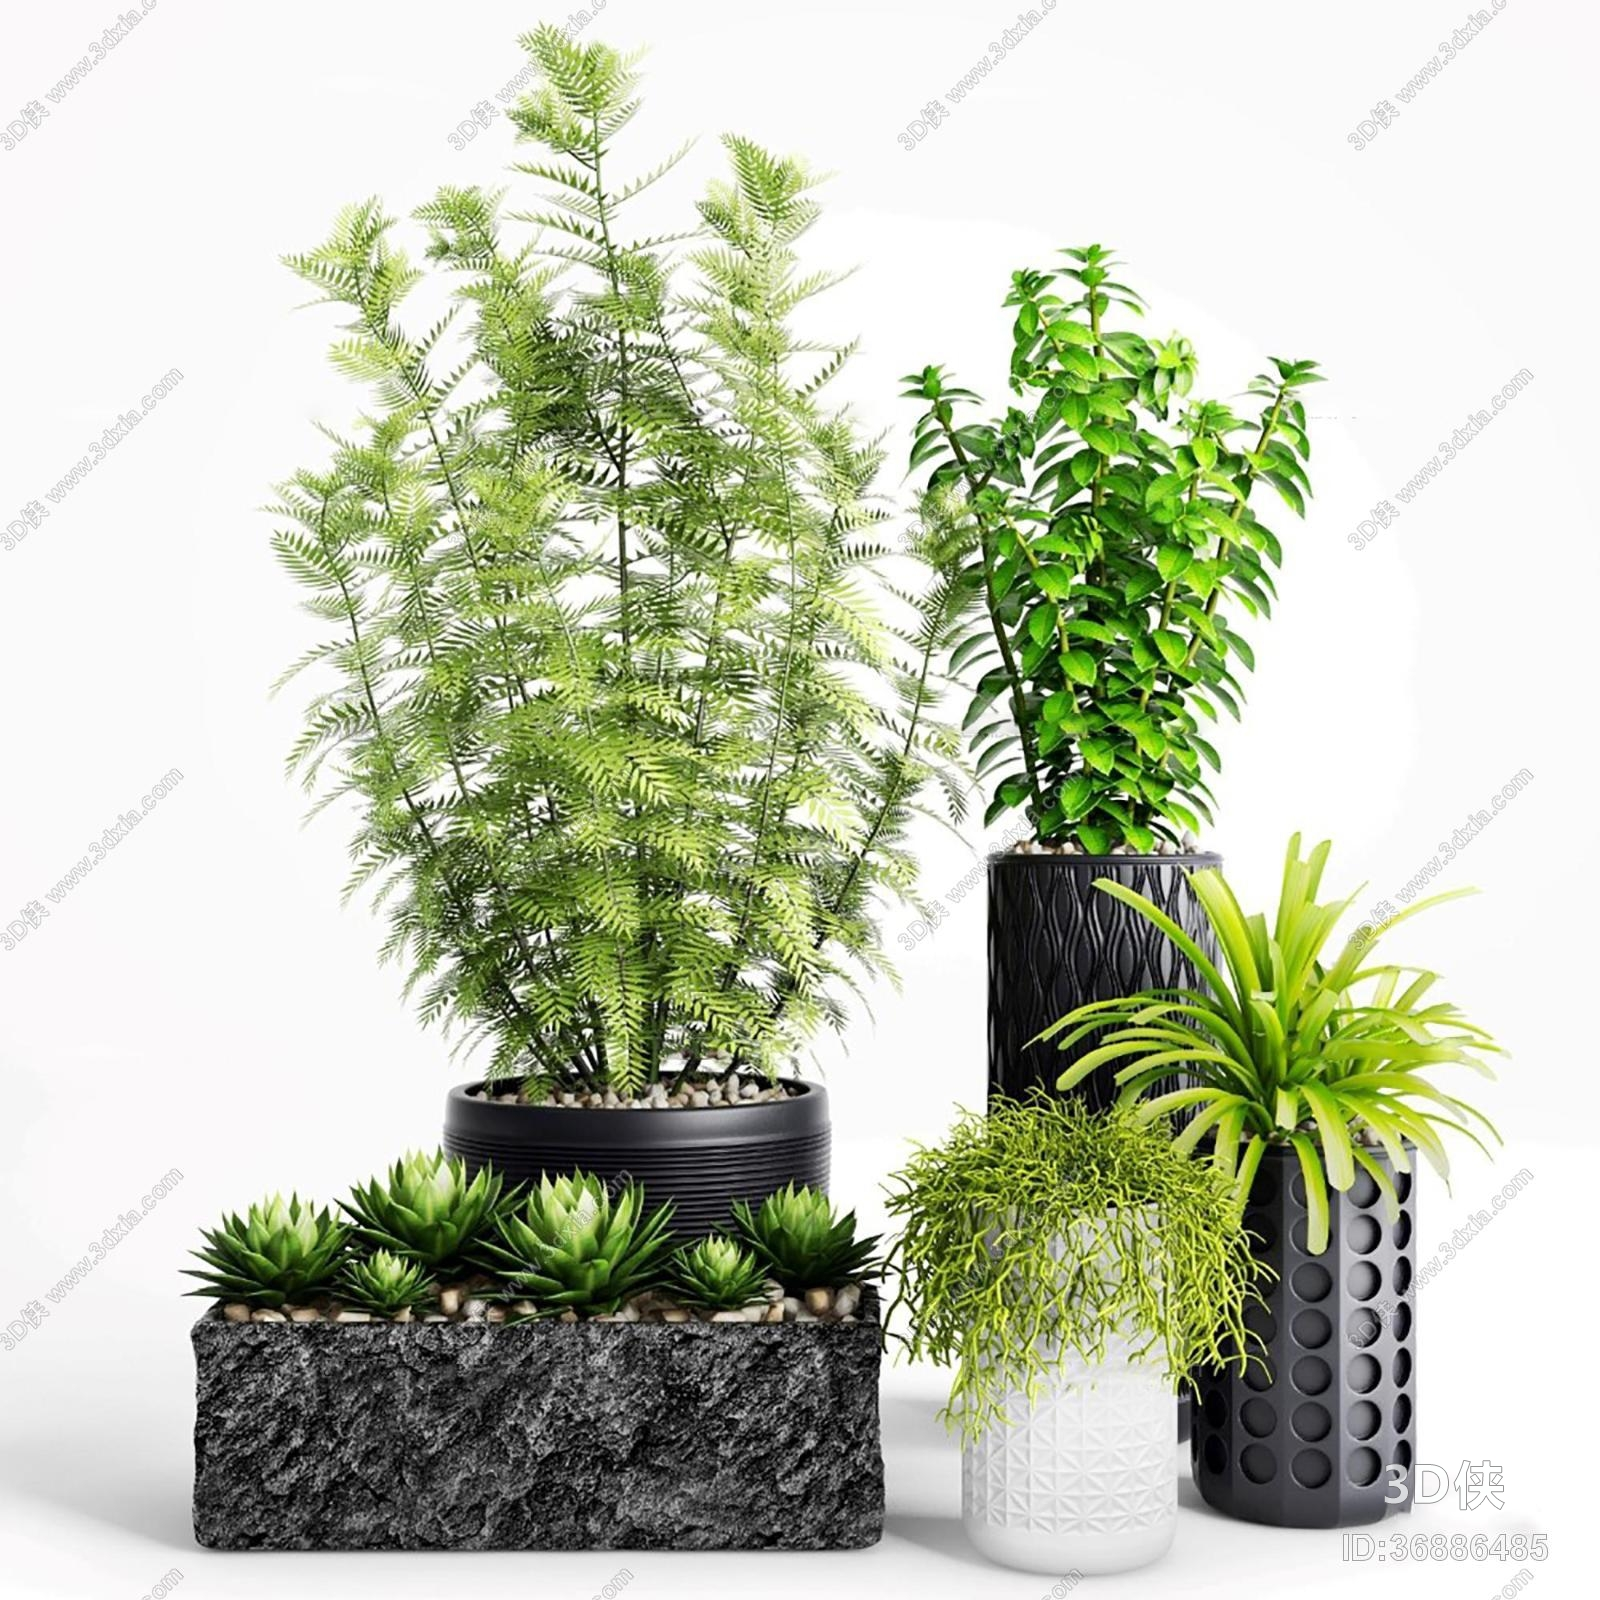 盆栽效果图素材免费下载,本作品主题是现代多肉绿植盆栽组合3d模型